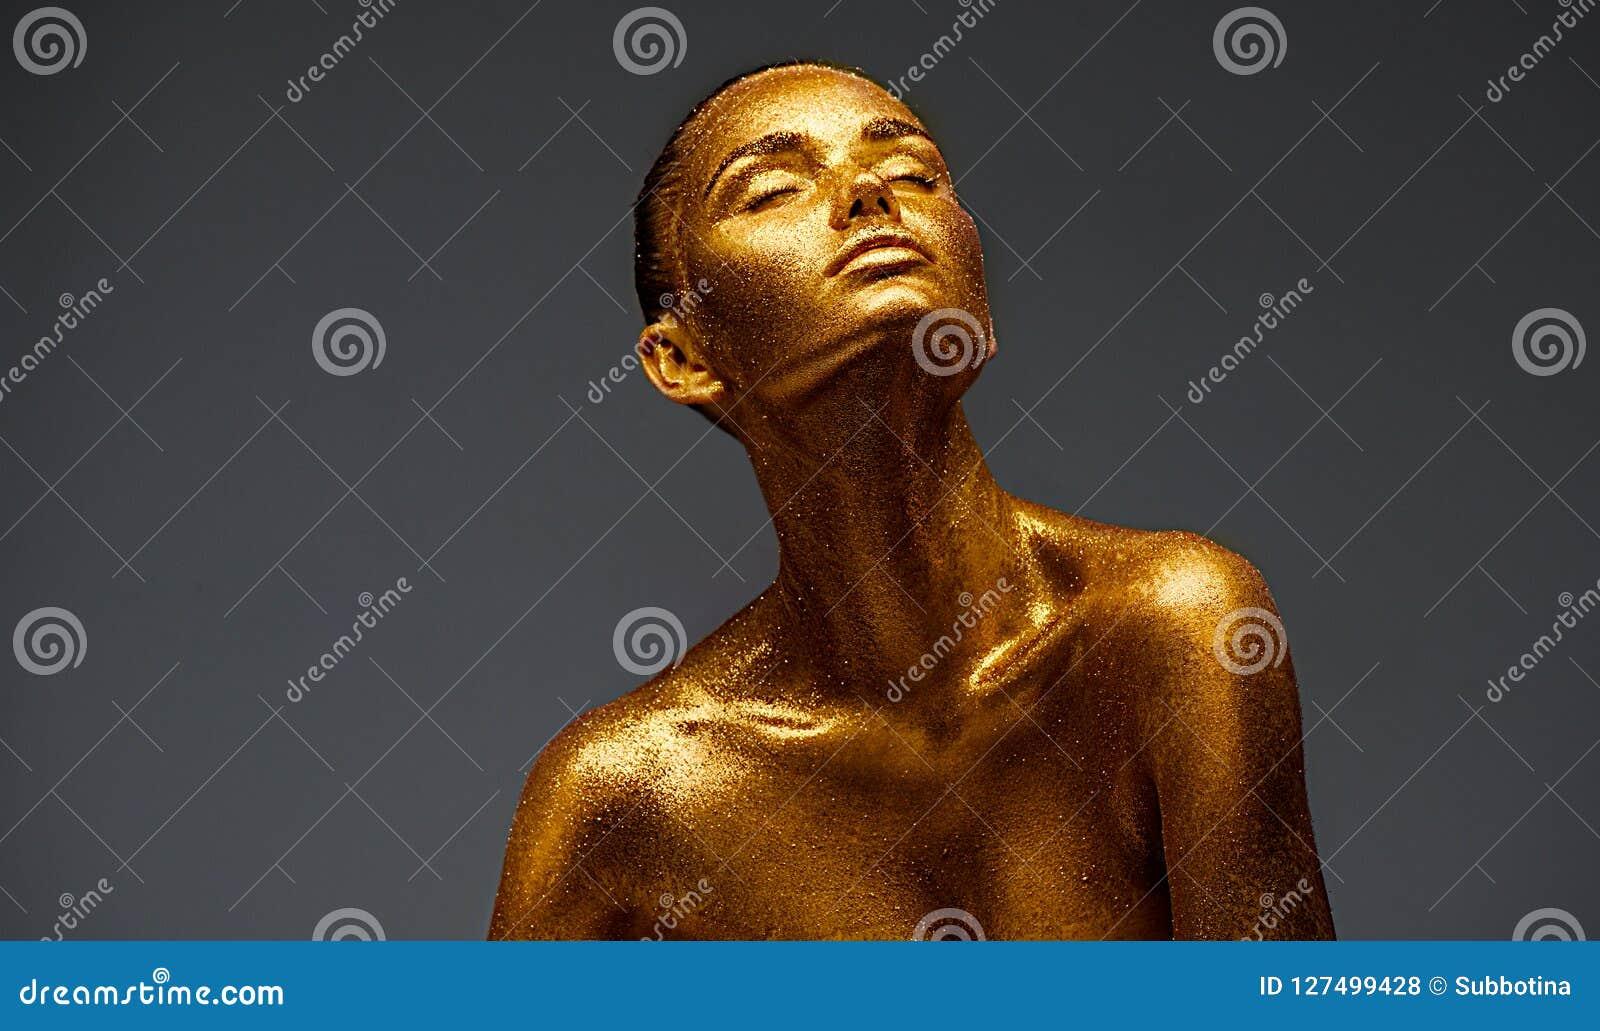 Goldenes Hautschönheits-Frauenporträt Modemädchen mit goldenem Make-up des Feiertags Körper Art